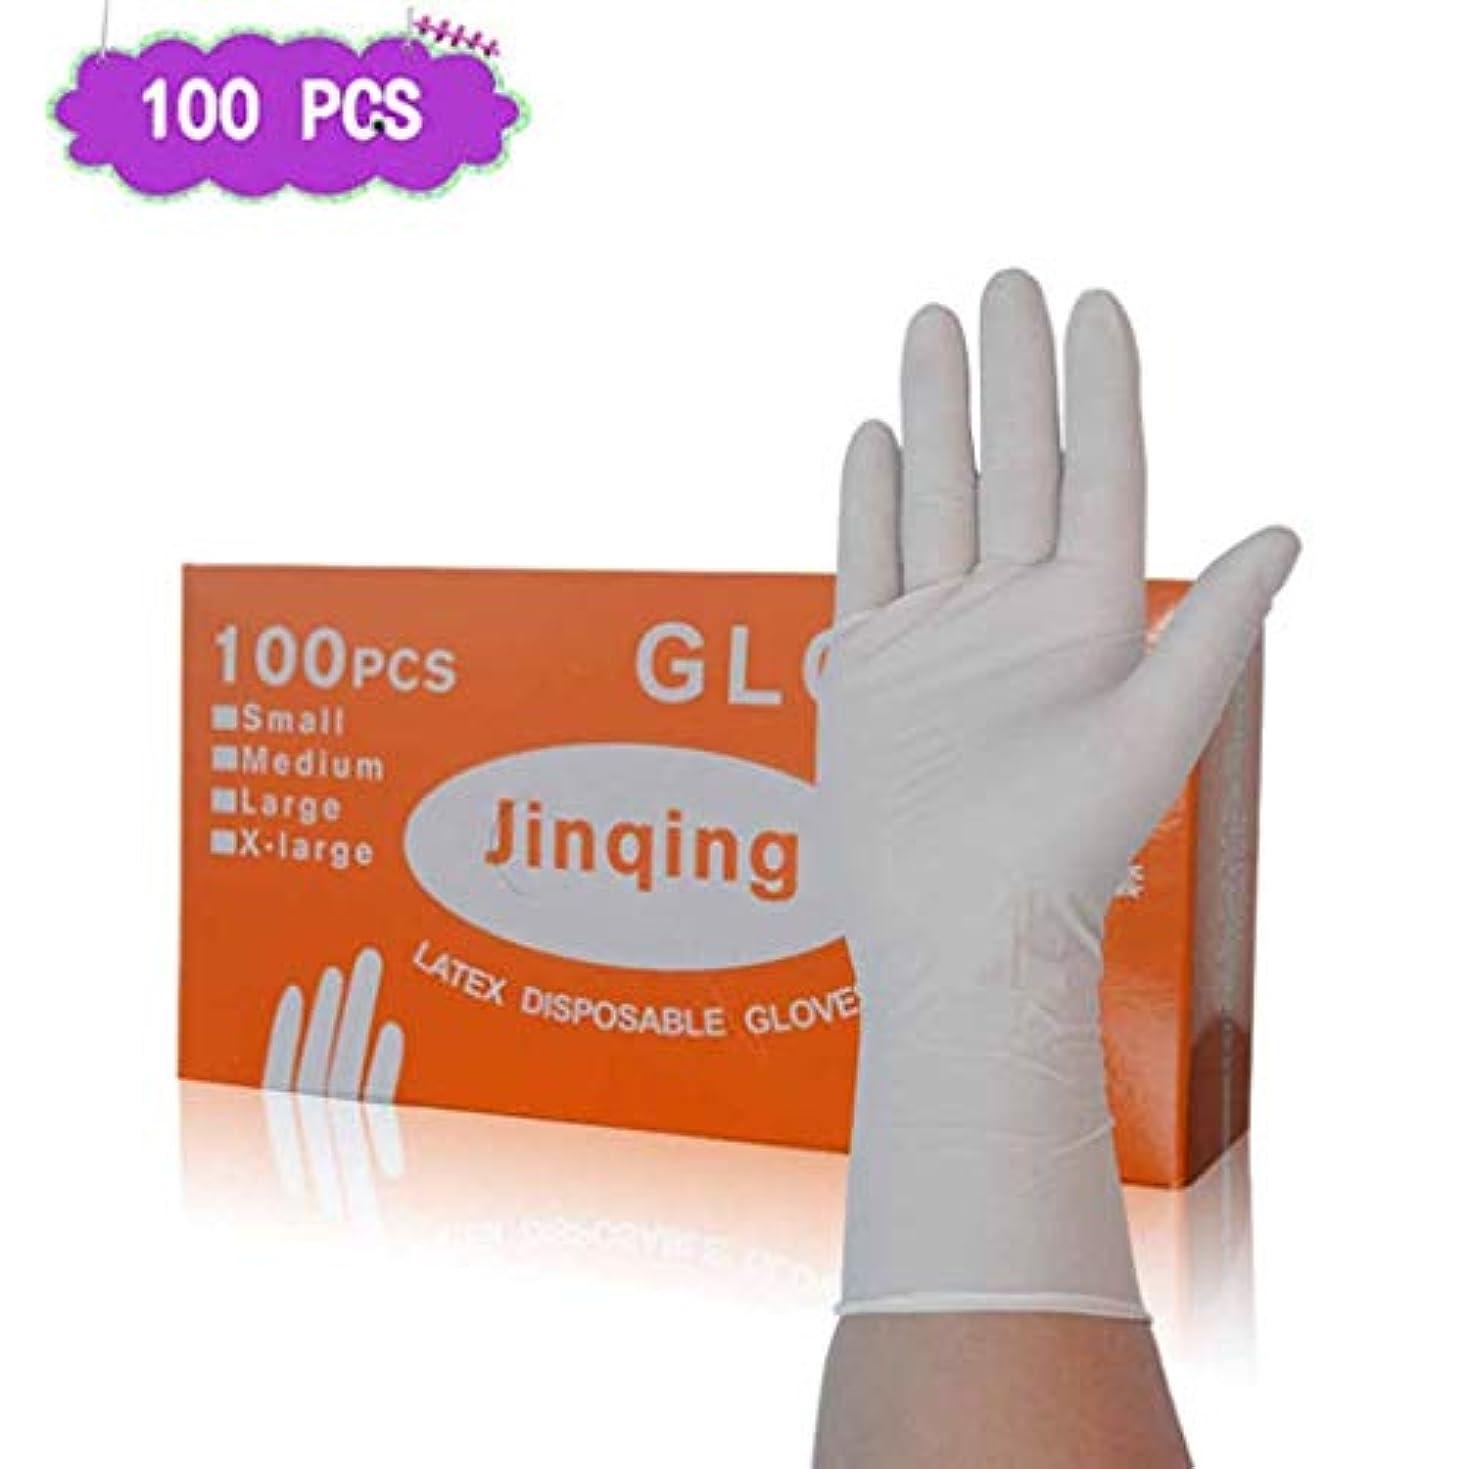 オゾングレービルニトリルグローブ12インチの長い厚い白い食品グレードラテックステストゴム、非滅菌、デューティ試験手袋|病院、法執行機関、食品ベンダー向けのプロフェッショナルグレード (Size : M)